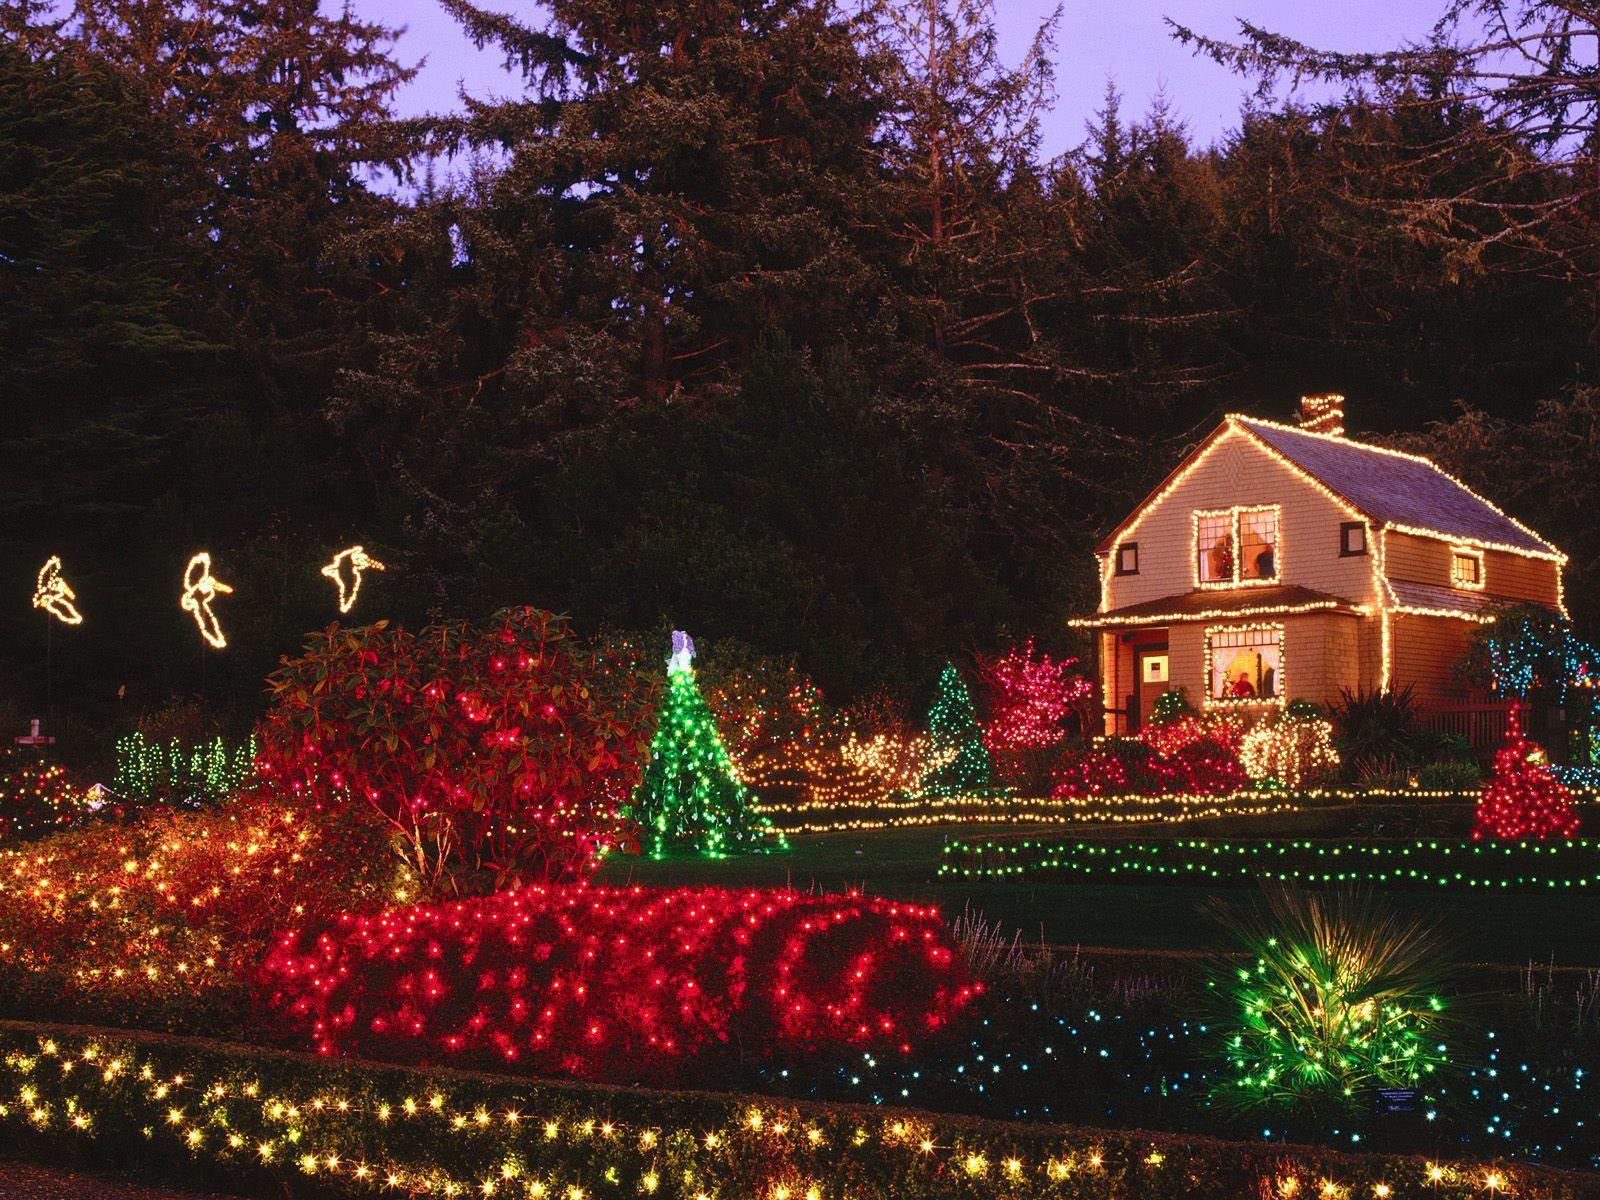 http://2.bp.blogspot.com/-Pd5hkCbfXyw/T7Jh0IOxdYI/AAAAAAAACy8/8O4dkcL4E6Q/s1600/Christmas+Lights+2.jpg